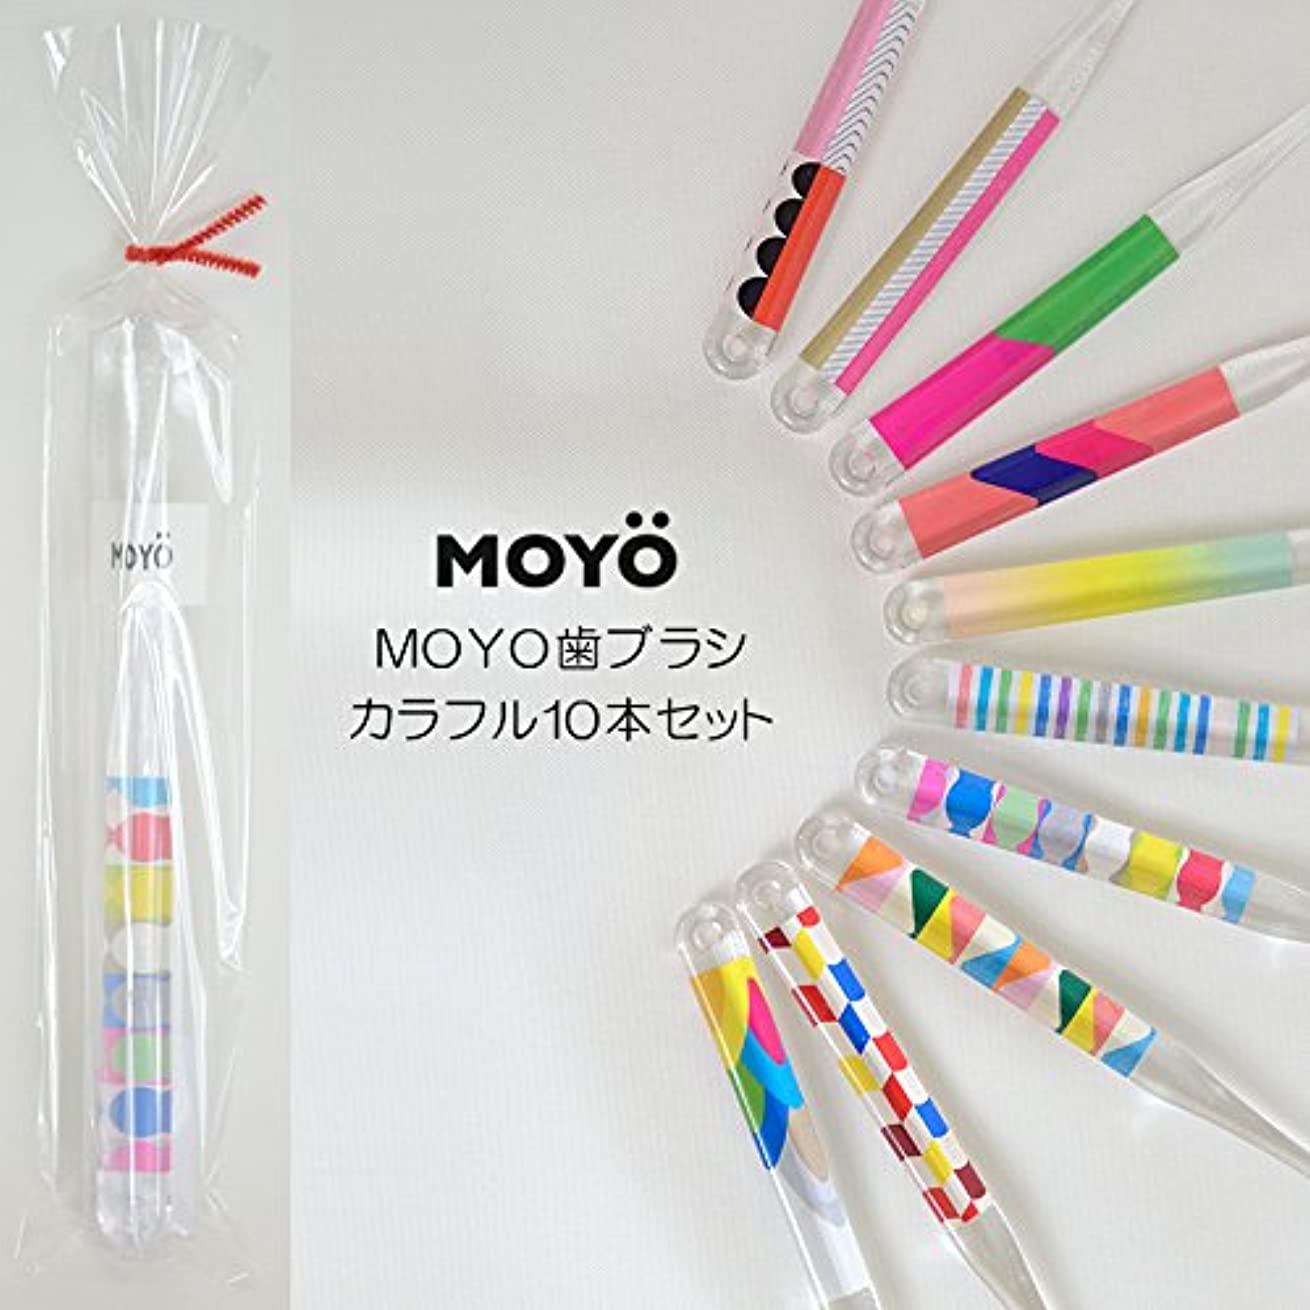 初期スキム治世MOYO モヨウ カラフル10本 プチ ギフト セット_562302-colorful 【F】,カラフル10本セット